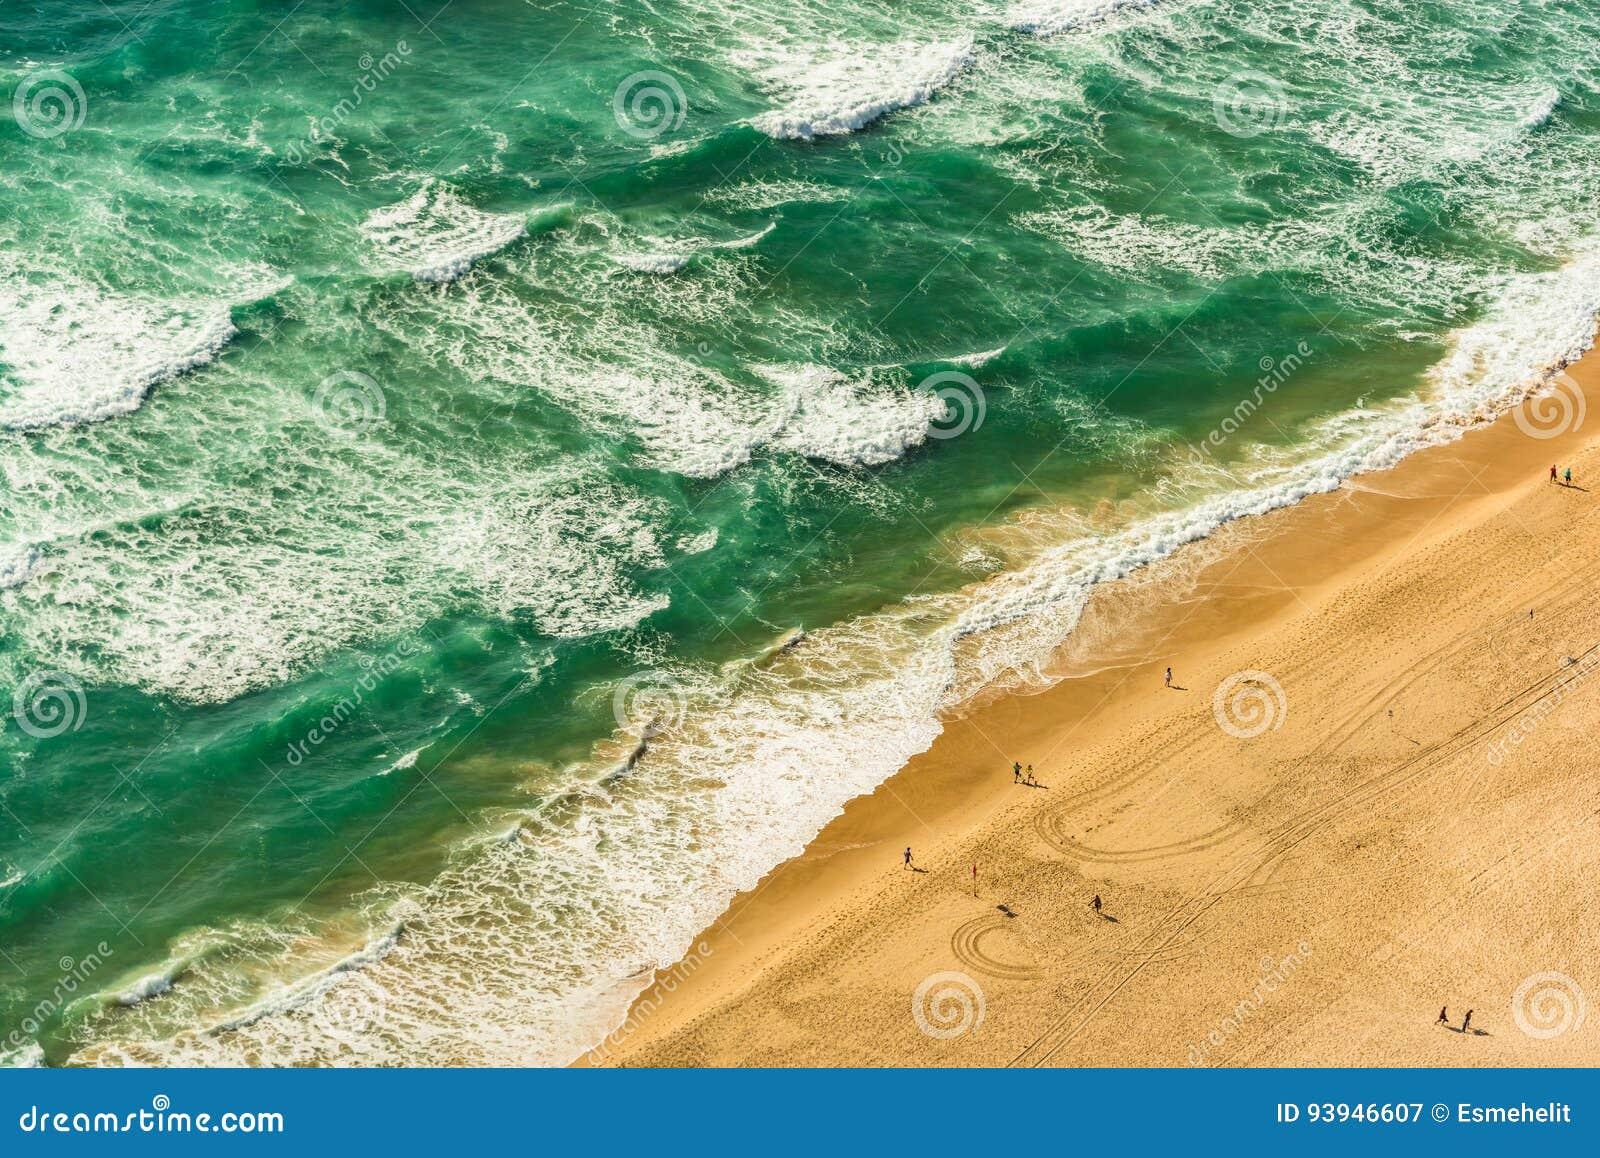 Aerial view of tropical sandy beach ans sea, ocean waves